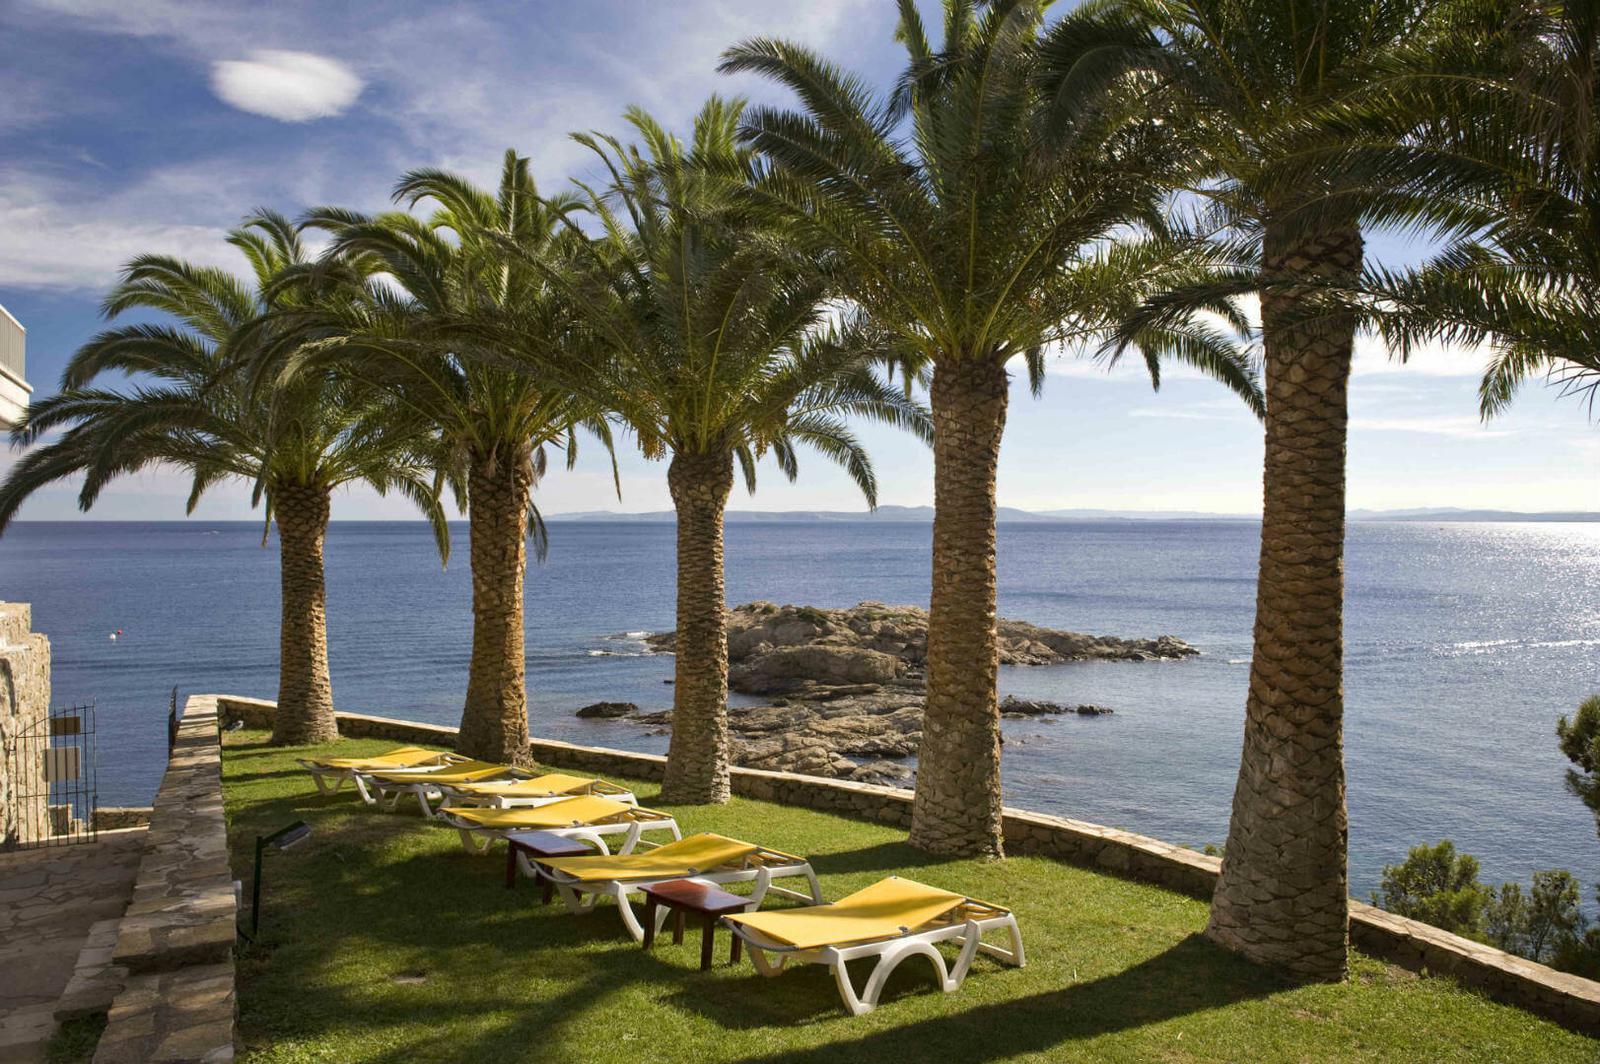 Jardín con palmeras en el hotel Almadraba Park en Roses, Costa Brava